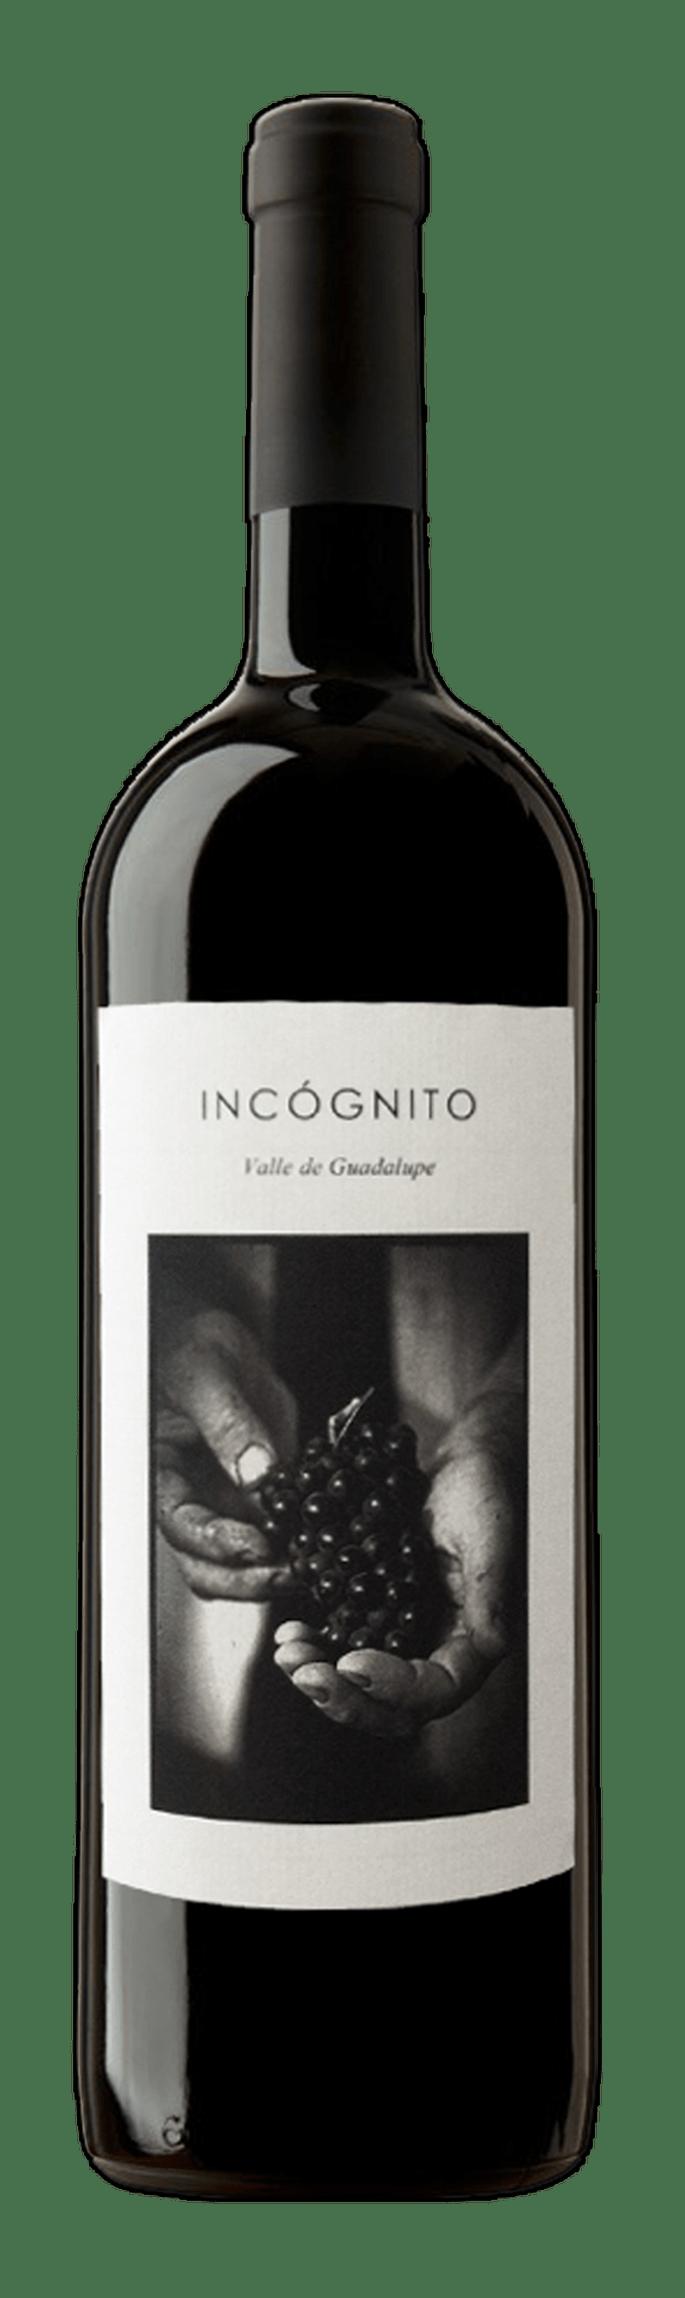 Foto: Incognito